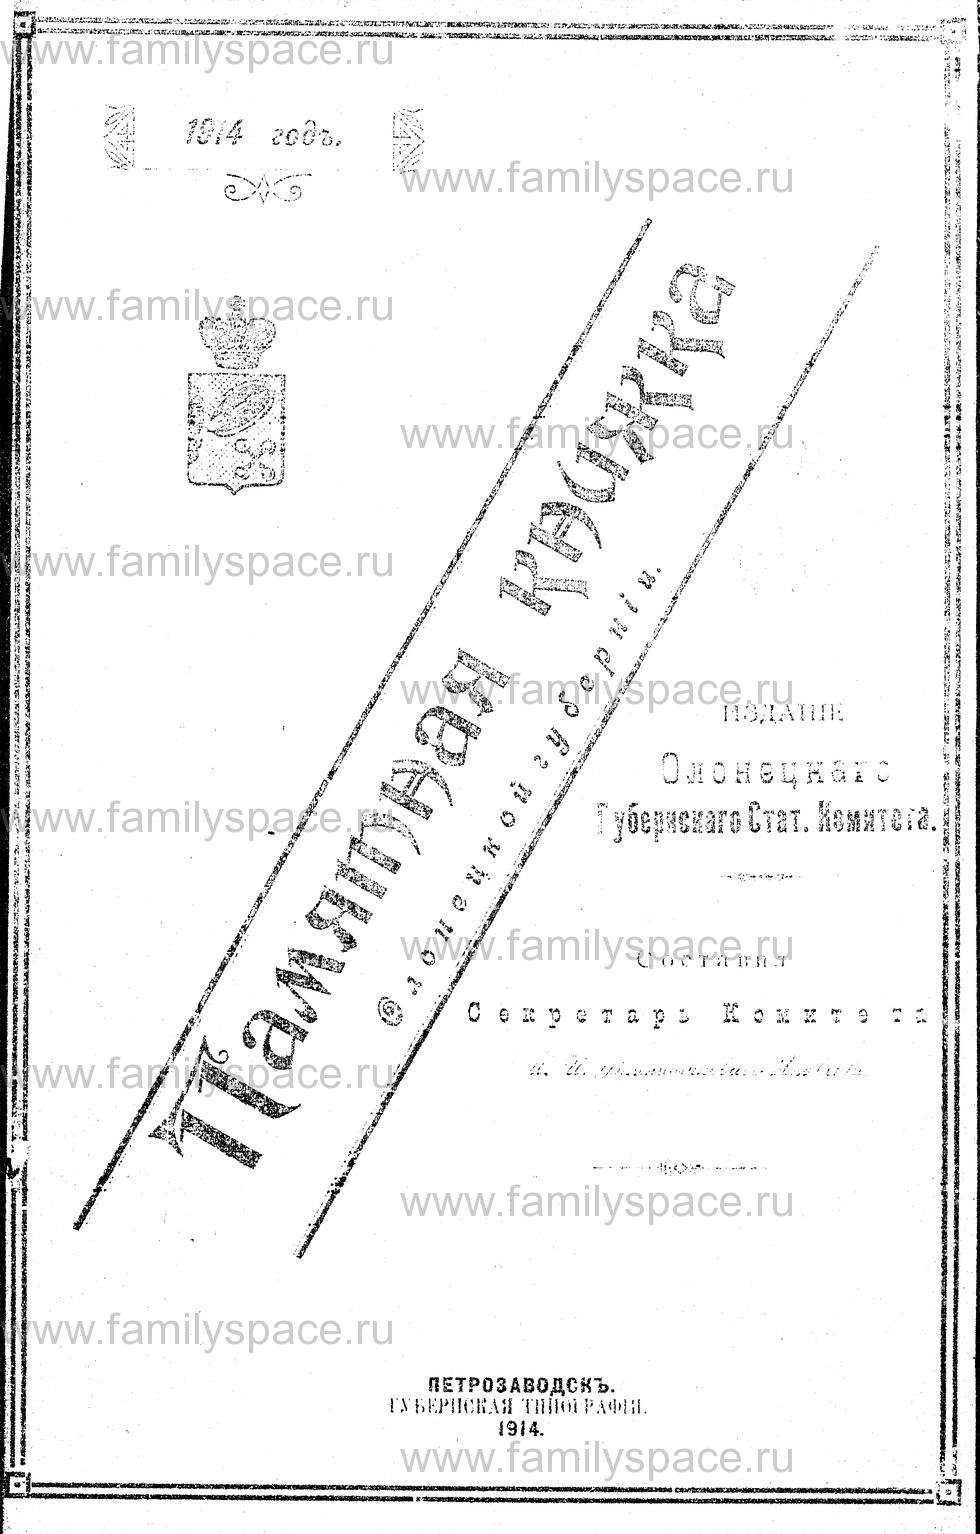 Поиск по фамилии - Памятная книжка Олонецкой губернии на 1914 г, страница 1